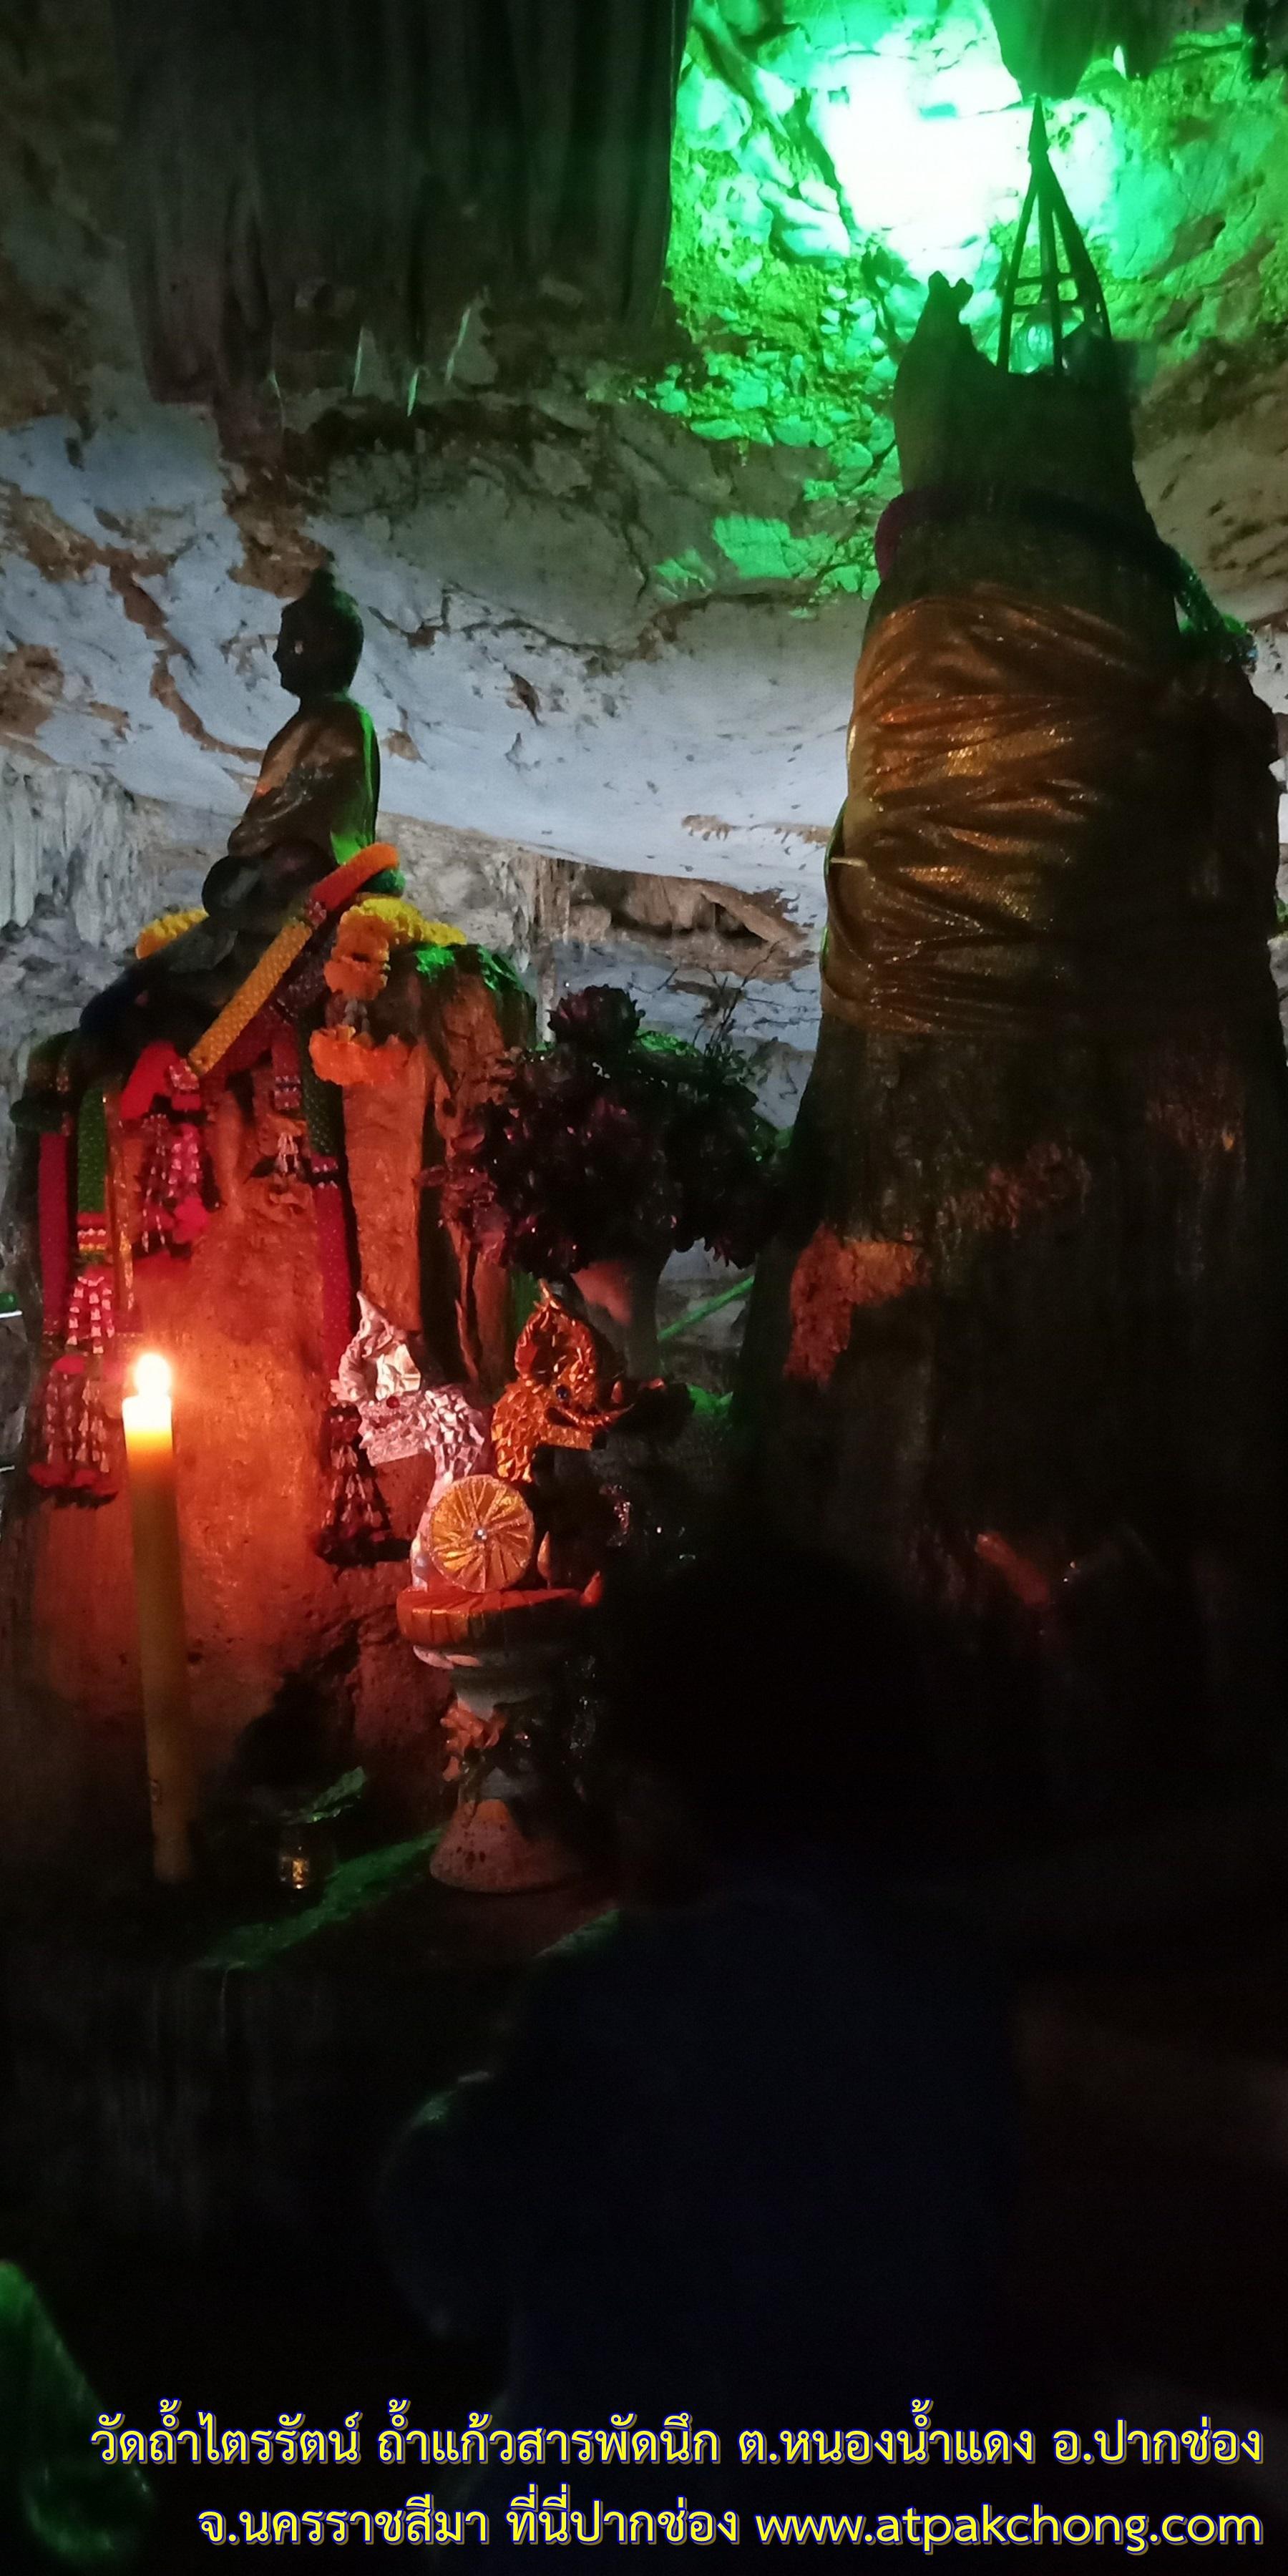 วัดถ้ำไตรรัตน์ ปากช่อง เที่ยว ถ้ำแก้วสารพัดนึก